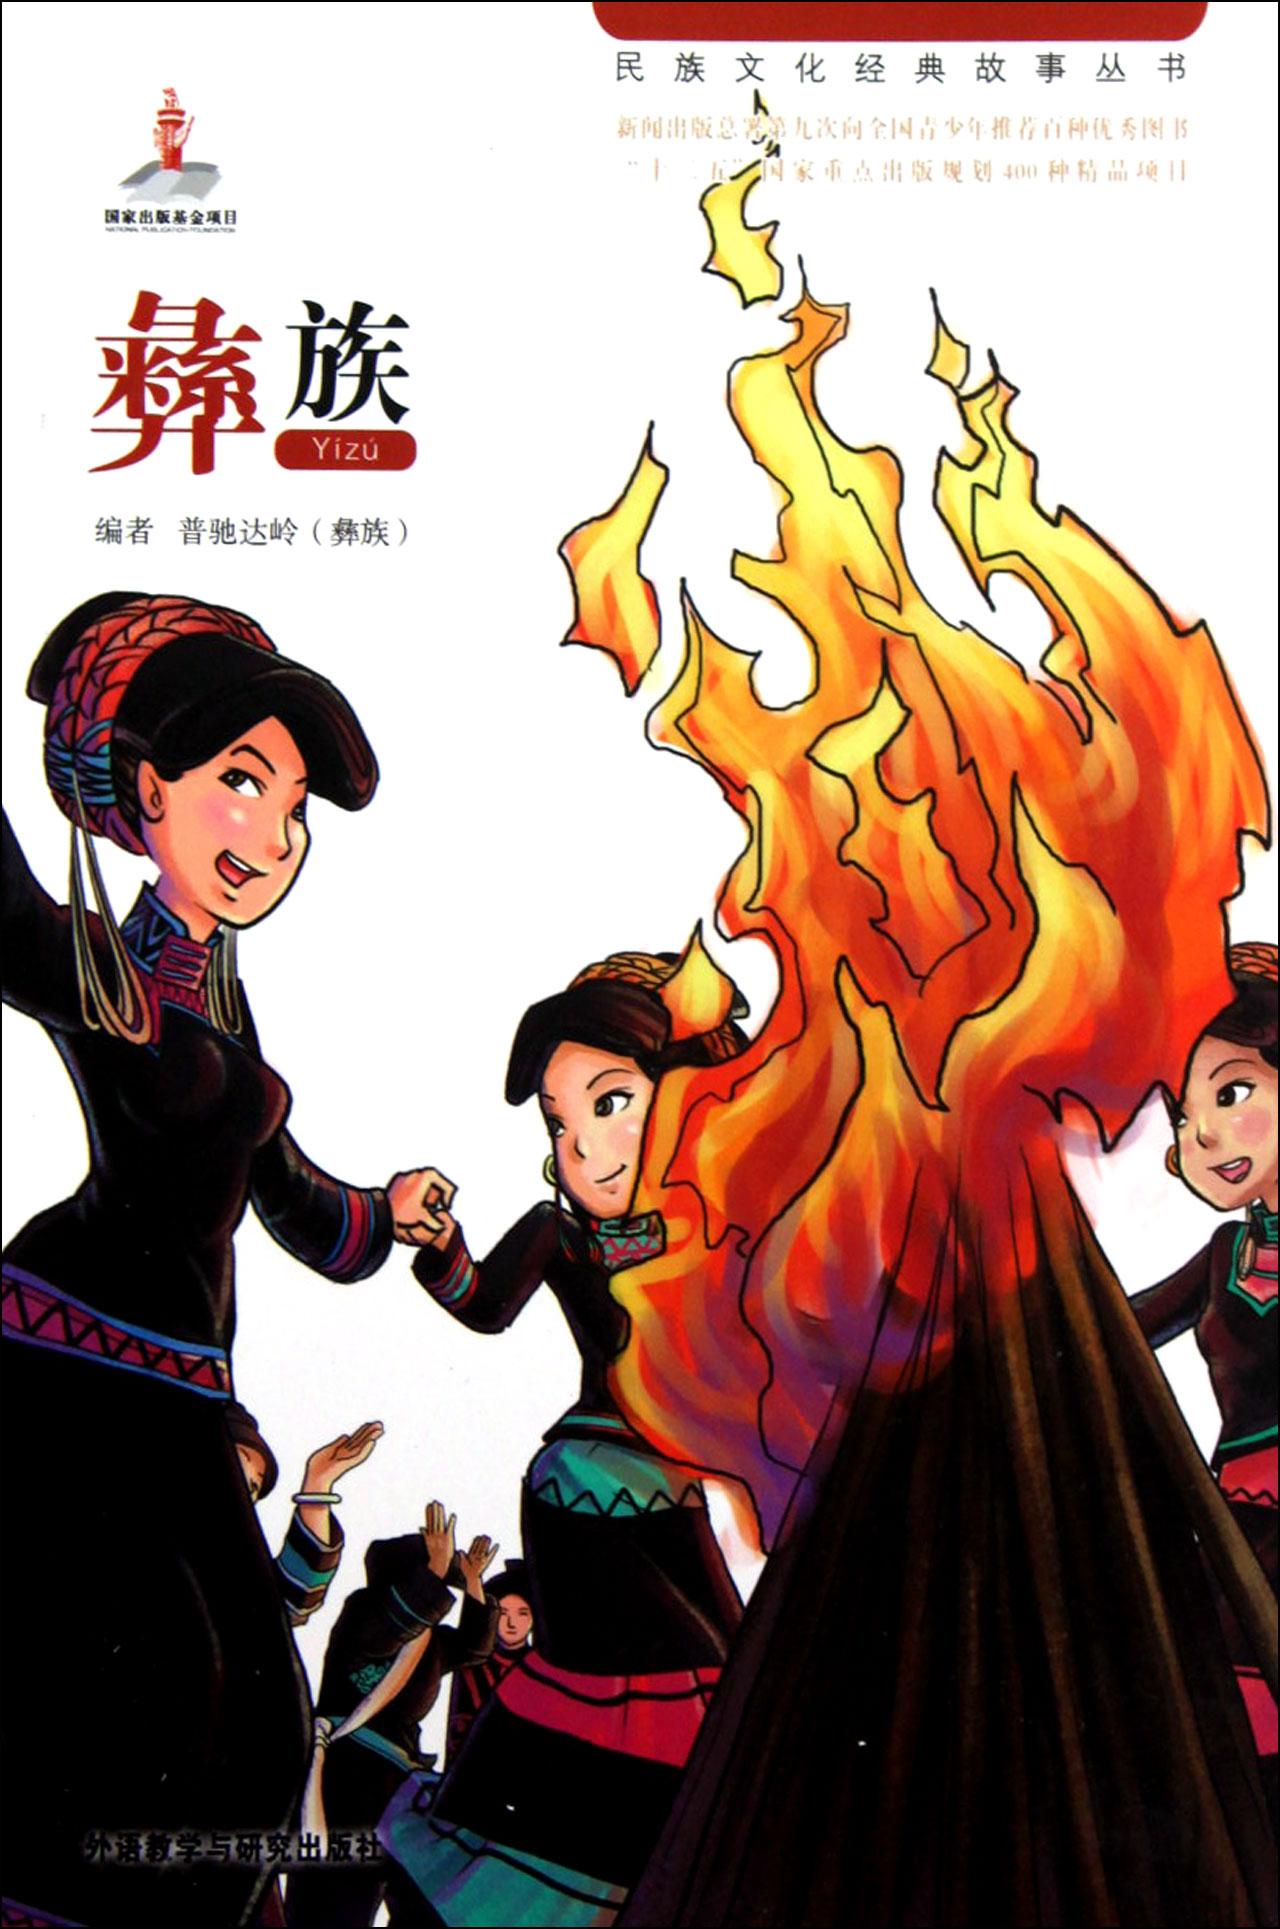 彝族卡通人物画